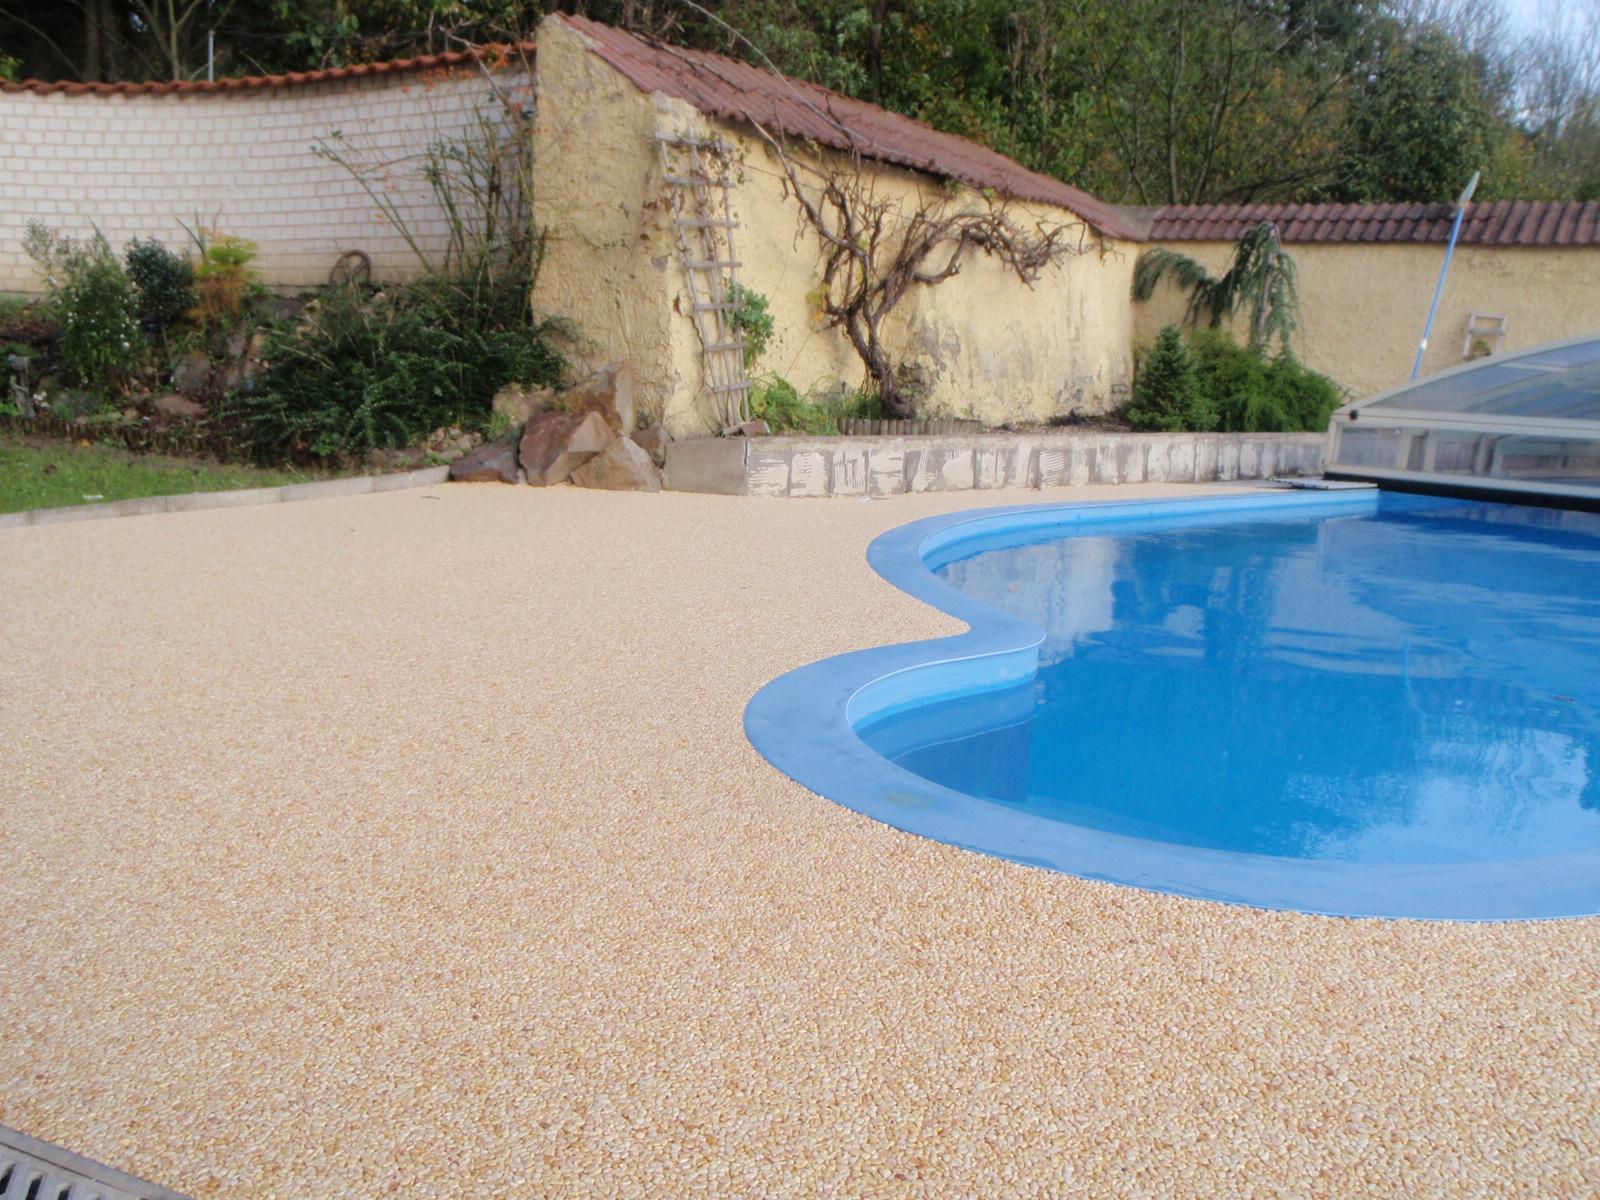 Kamínkový chodníček CHS EPODUR STONE - možnosti desénů a tvarů - Okolí bazénu: designové spojení s historickou zídkou a moderním cihlovým plotem